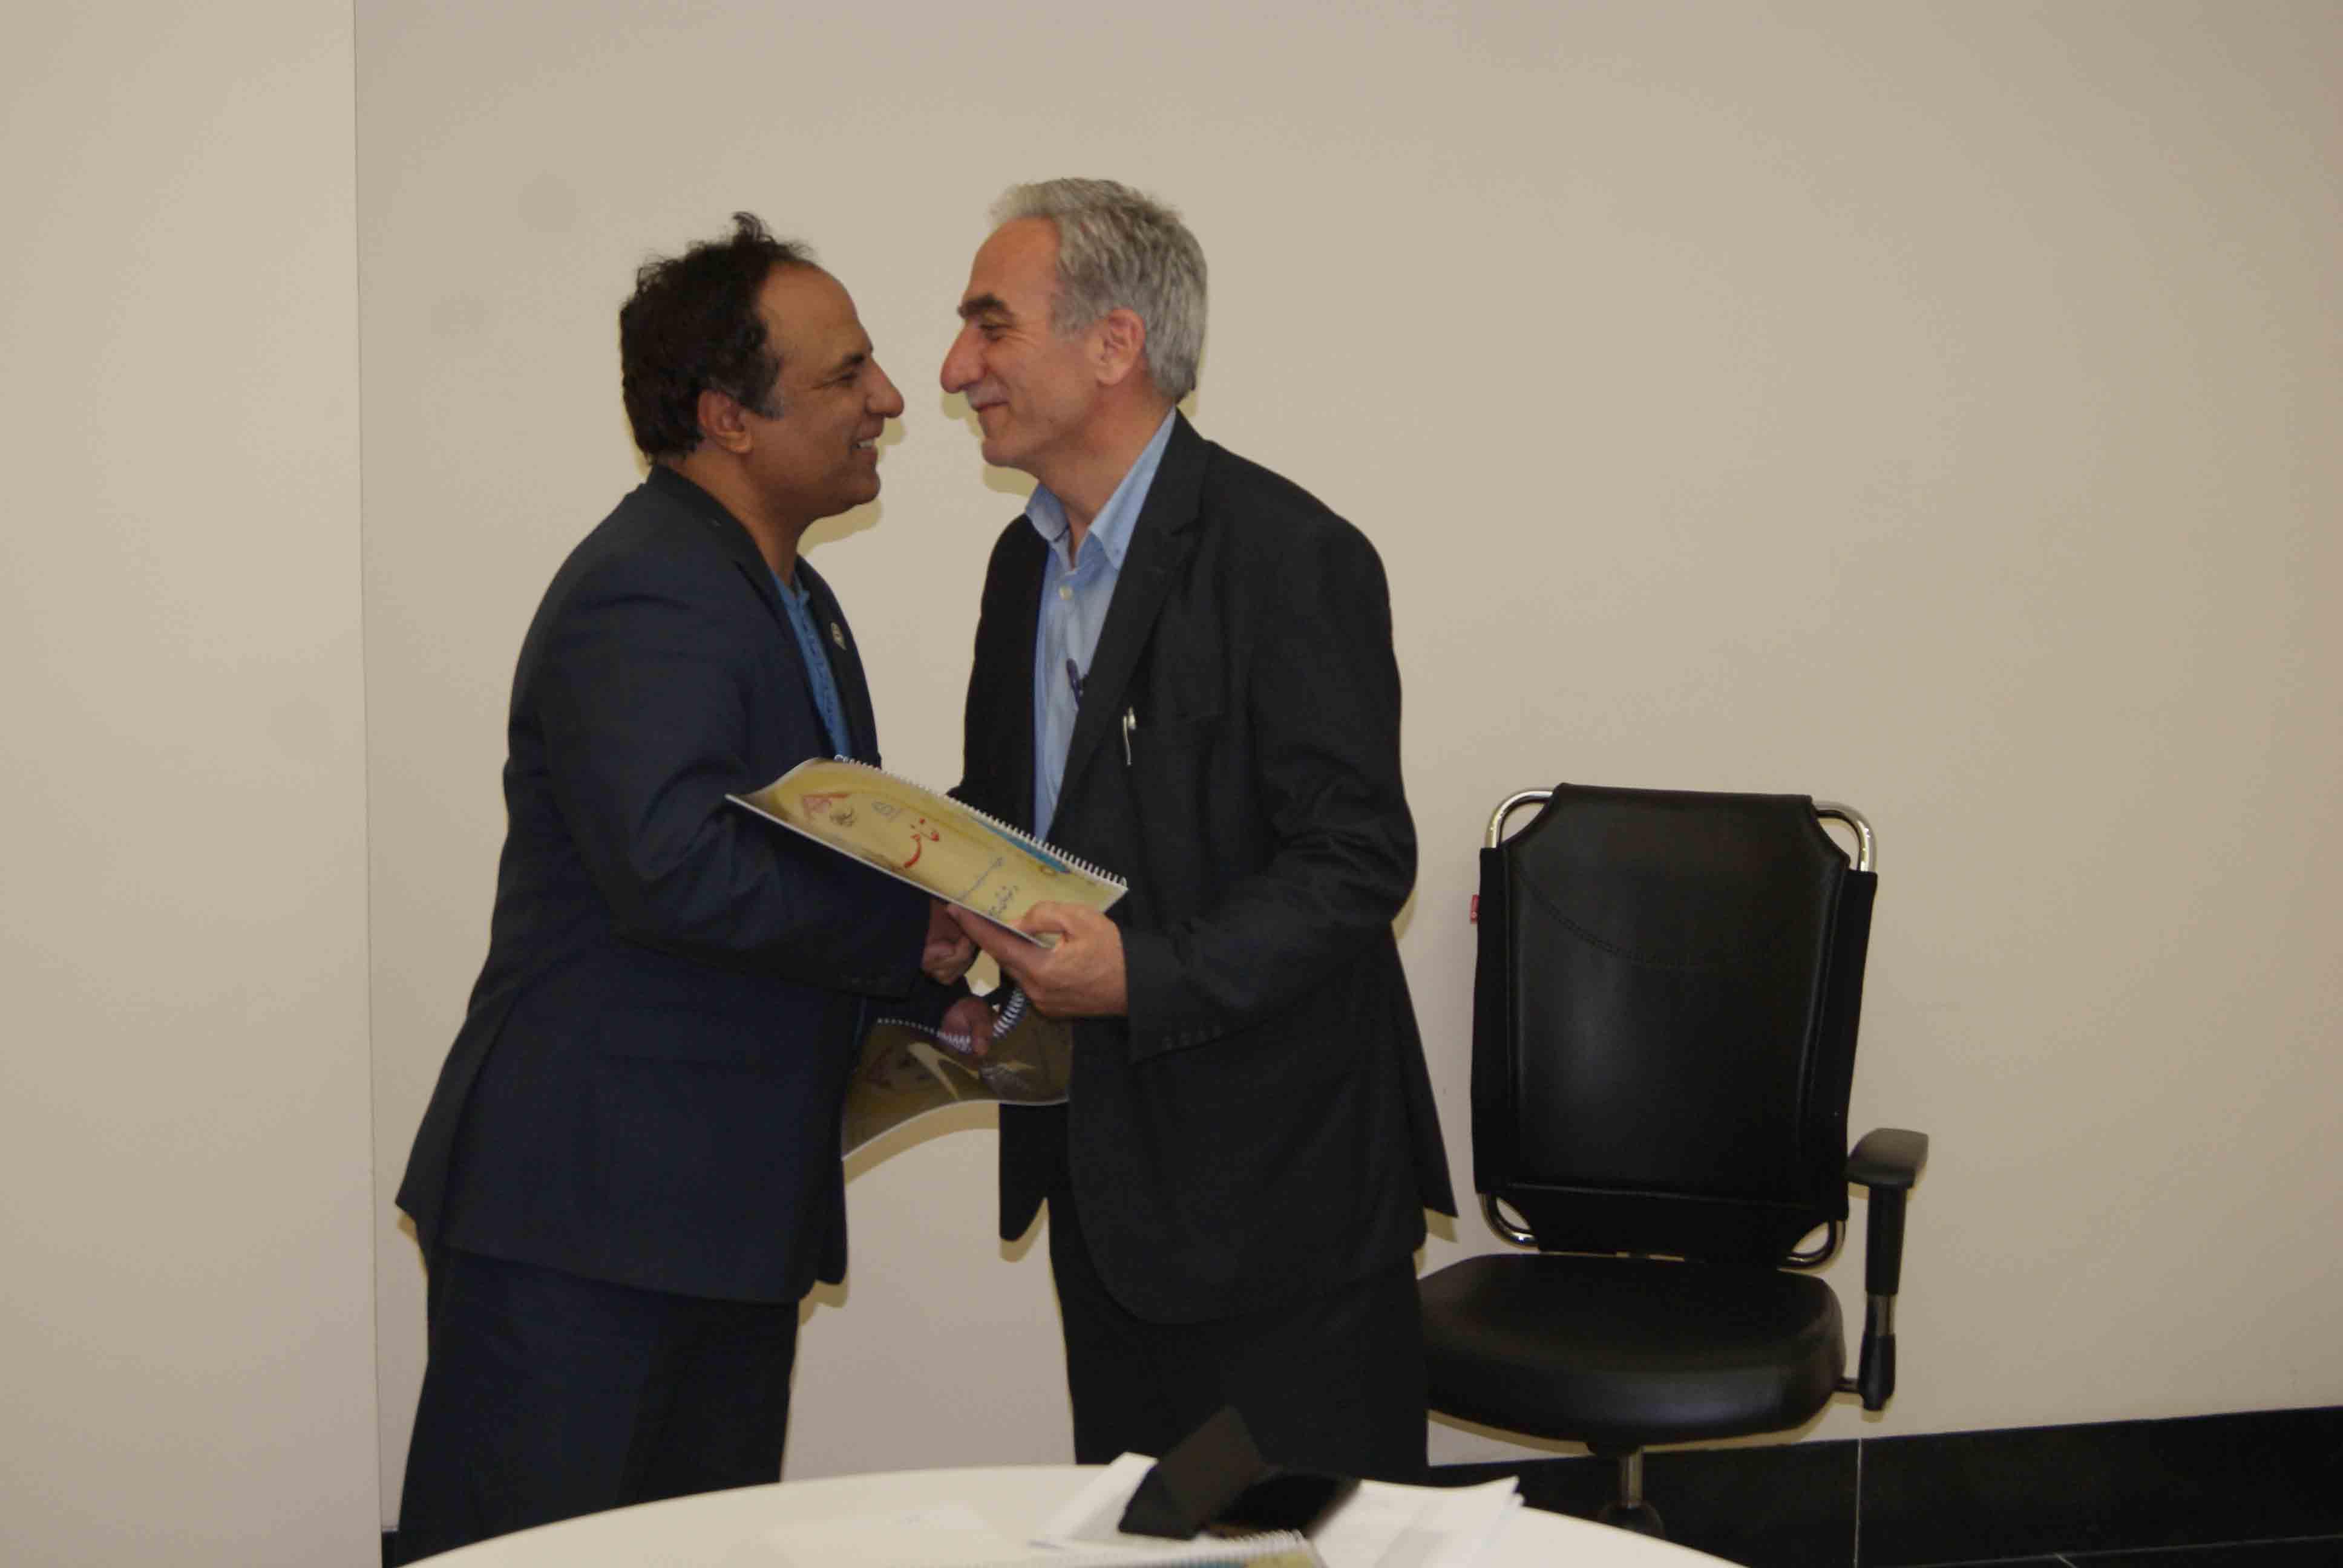 انعقاد تفاهم نامه  احداث مرکز خدمات جامع سلامت شهری در شهرستان بیرجند با کمک خیربیرجندی